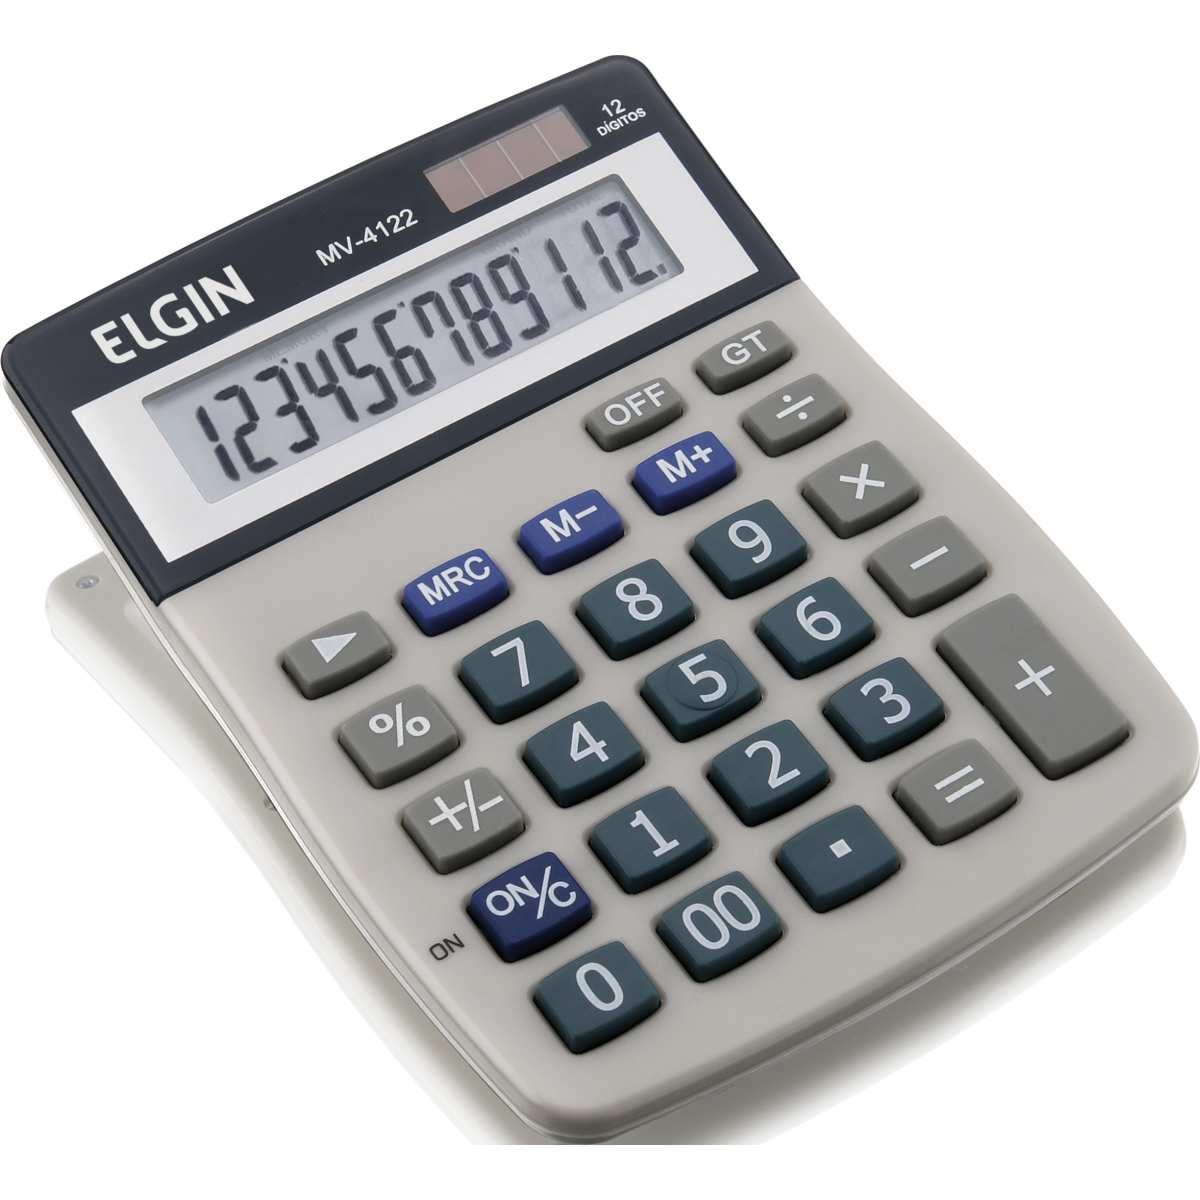 Calculadora de Mesa - 12 Digito Visor LCD Solar/Bat.G10 - Elgin